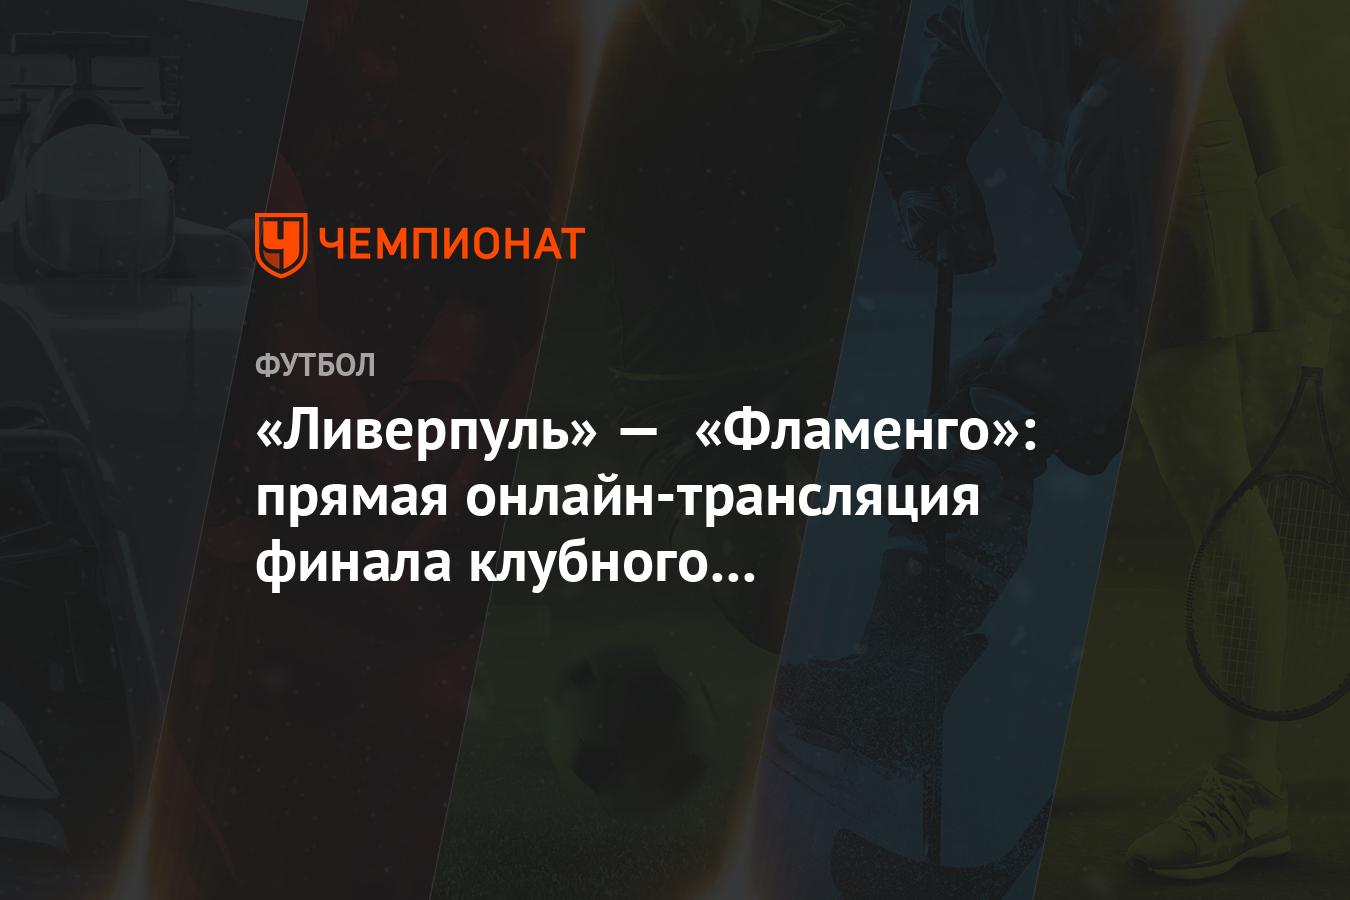 Ливерпуль астон вилла прямая трансляция на русском